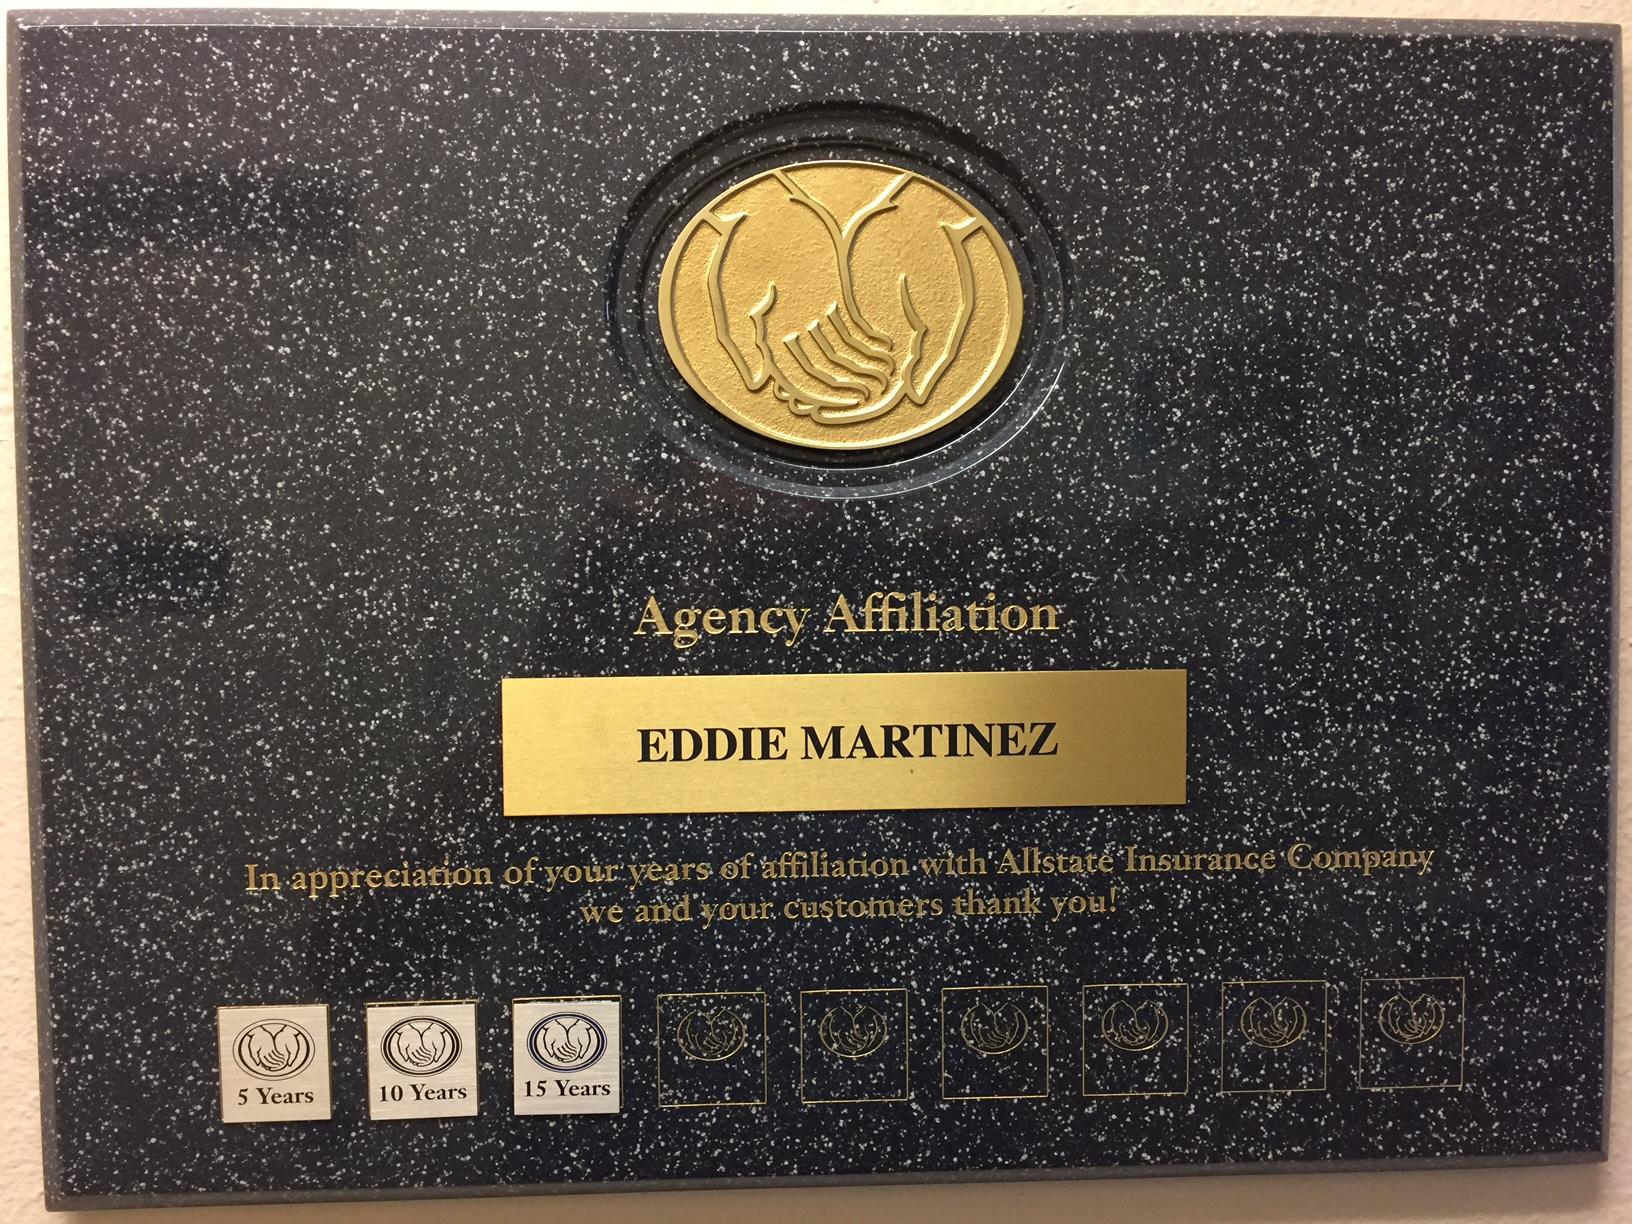 Eddie Martinez: Allstate Insurance image 3